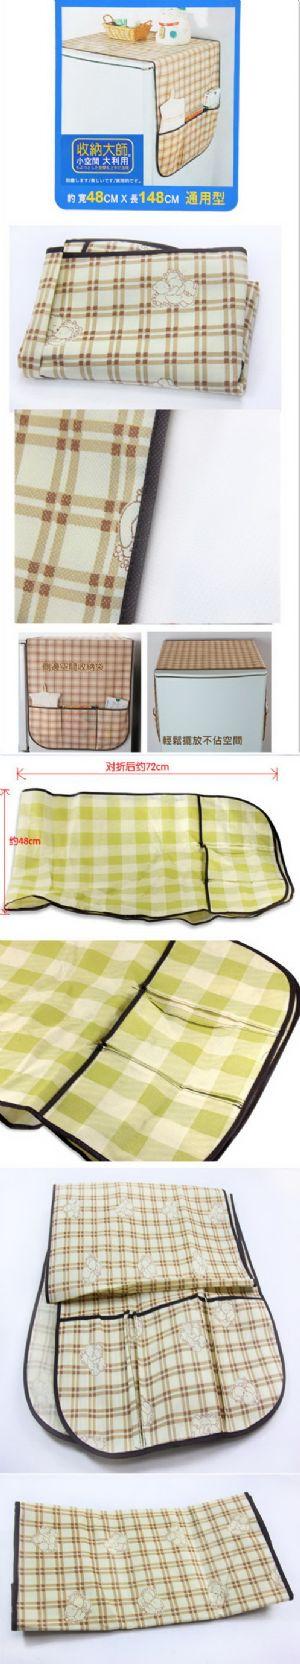 ของใช้ในบ้าน : ผ้าคลุมตุ้เย็นกันฝุ่น